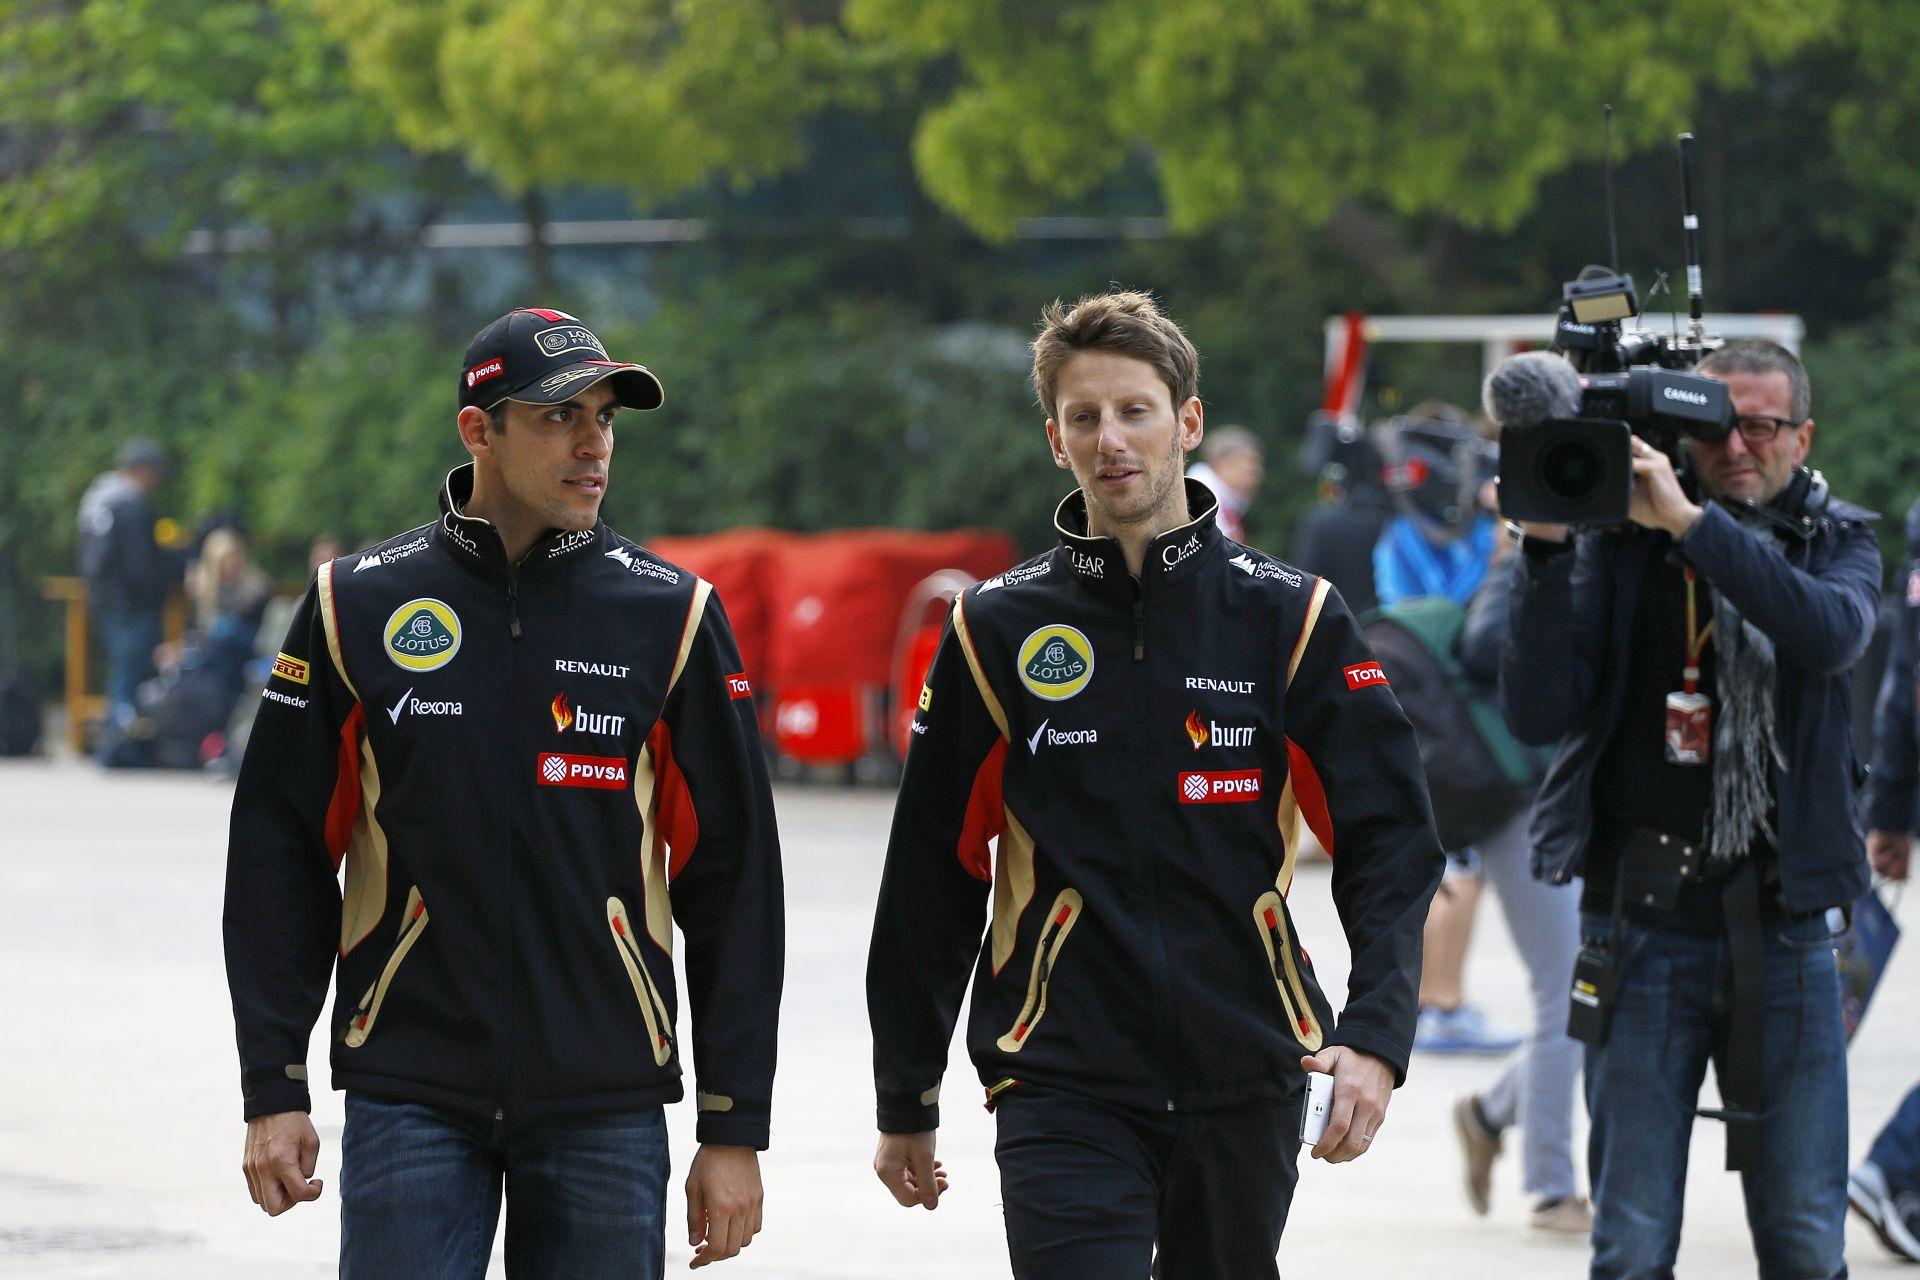 Grosjean és Maldonado is versenyeket nyerne a Lotusszal: A Mercedes majd lehetővé teszi ezt?